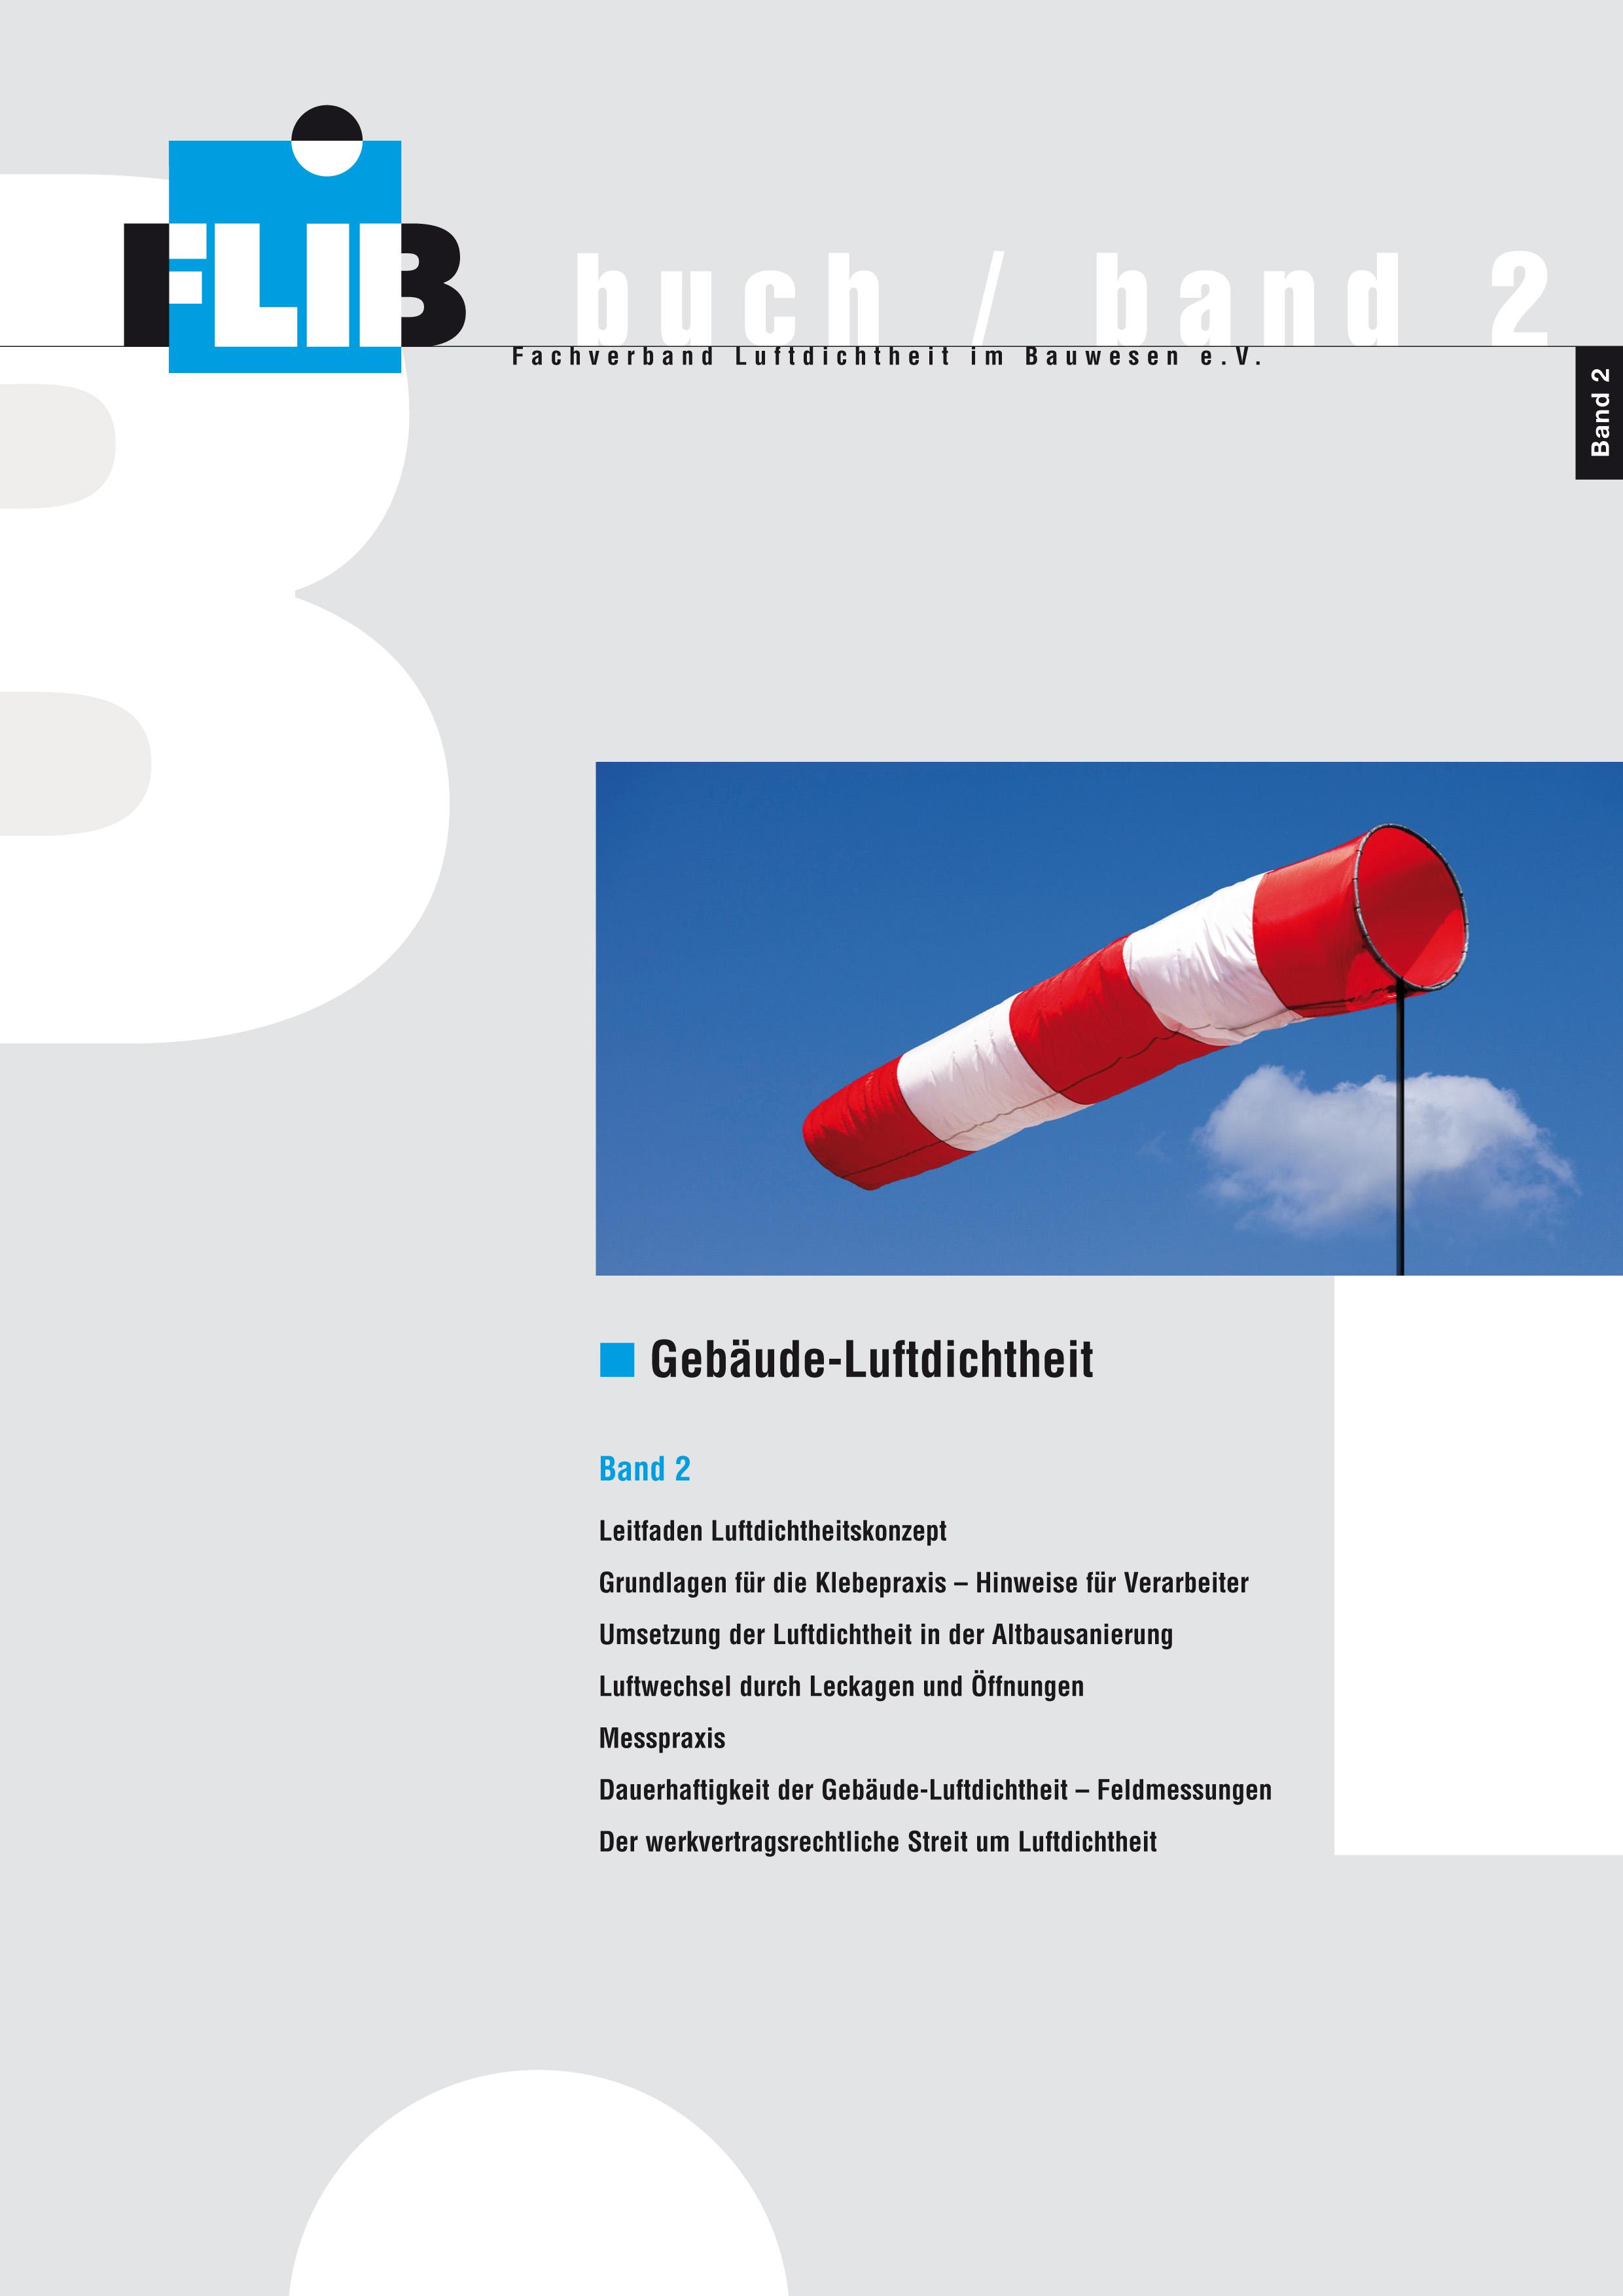 Gebäude-Luftdichtheit, Band 2 Torsten Bolender